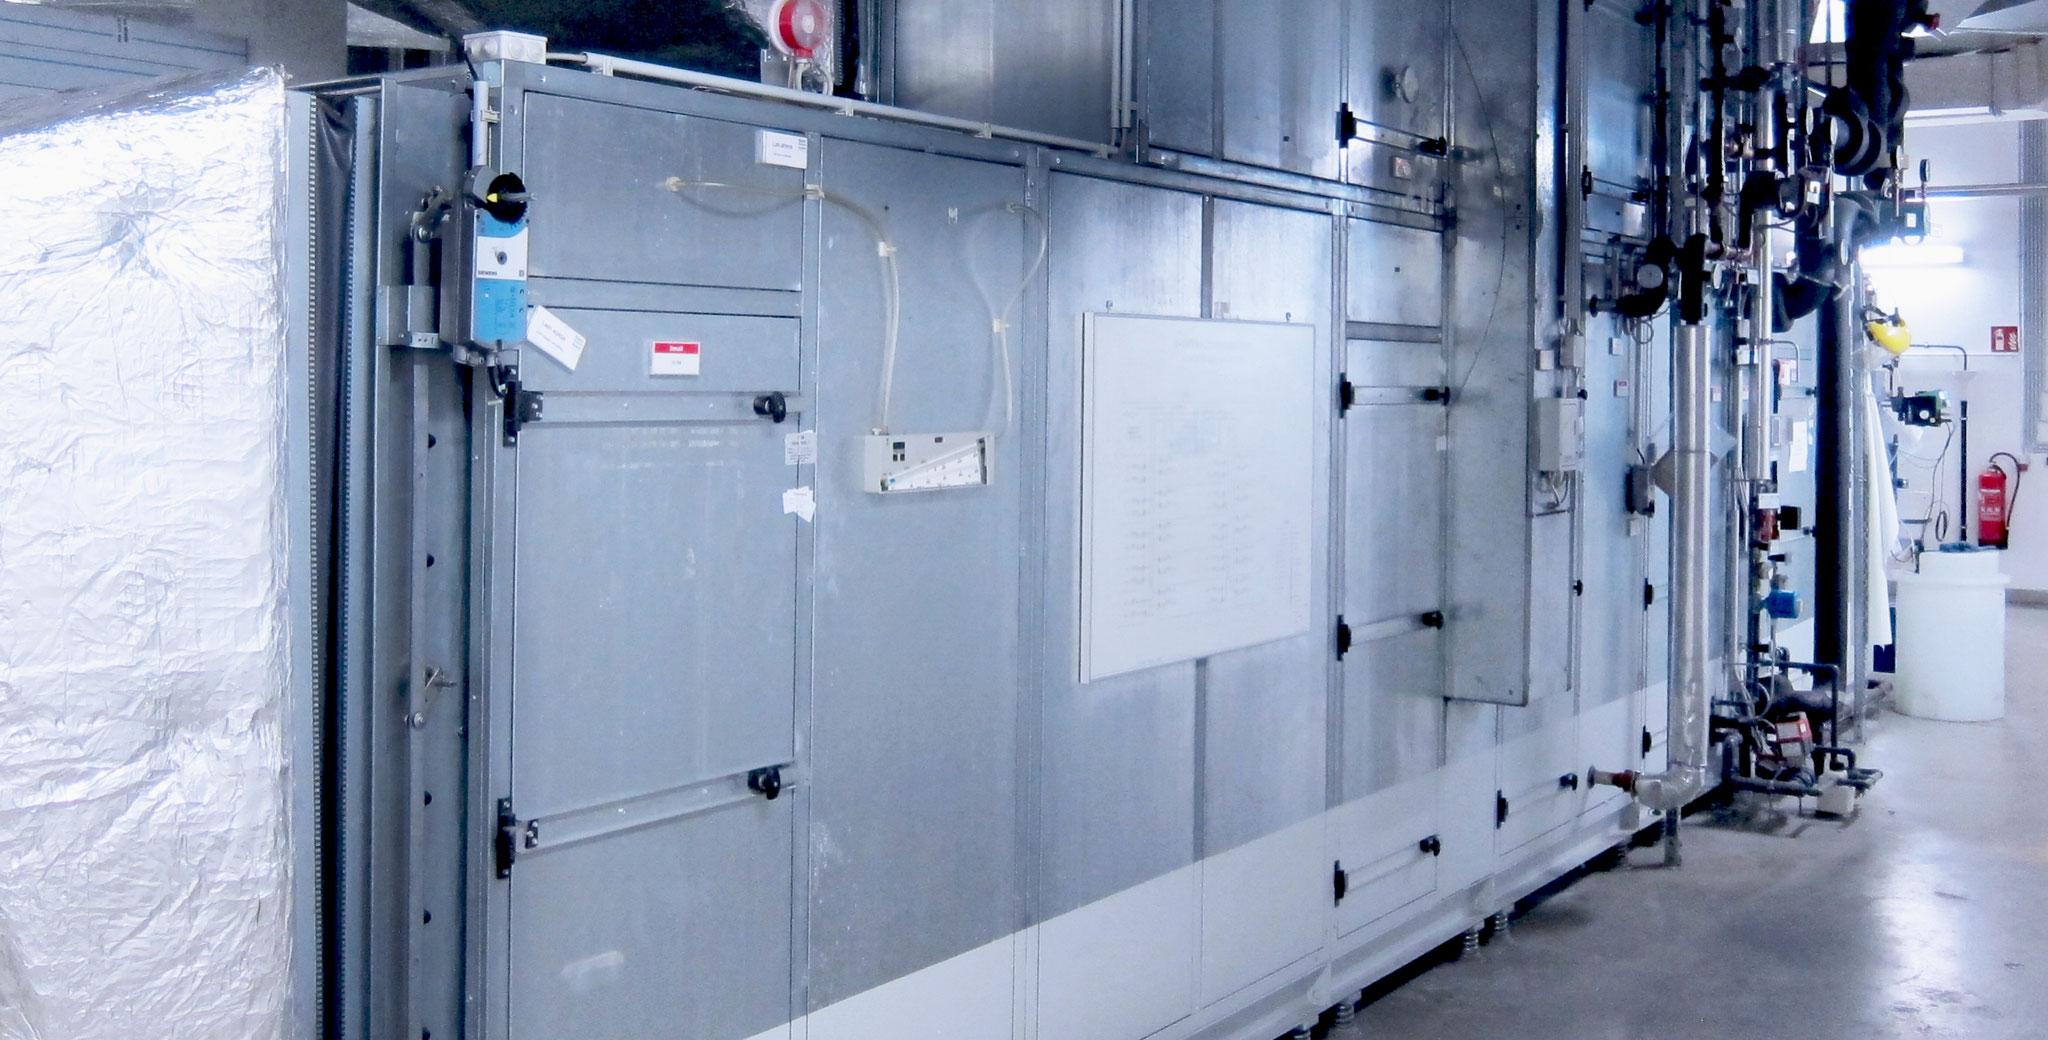 Hygieneinspektionen von RLT-Anlagen